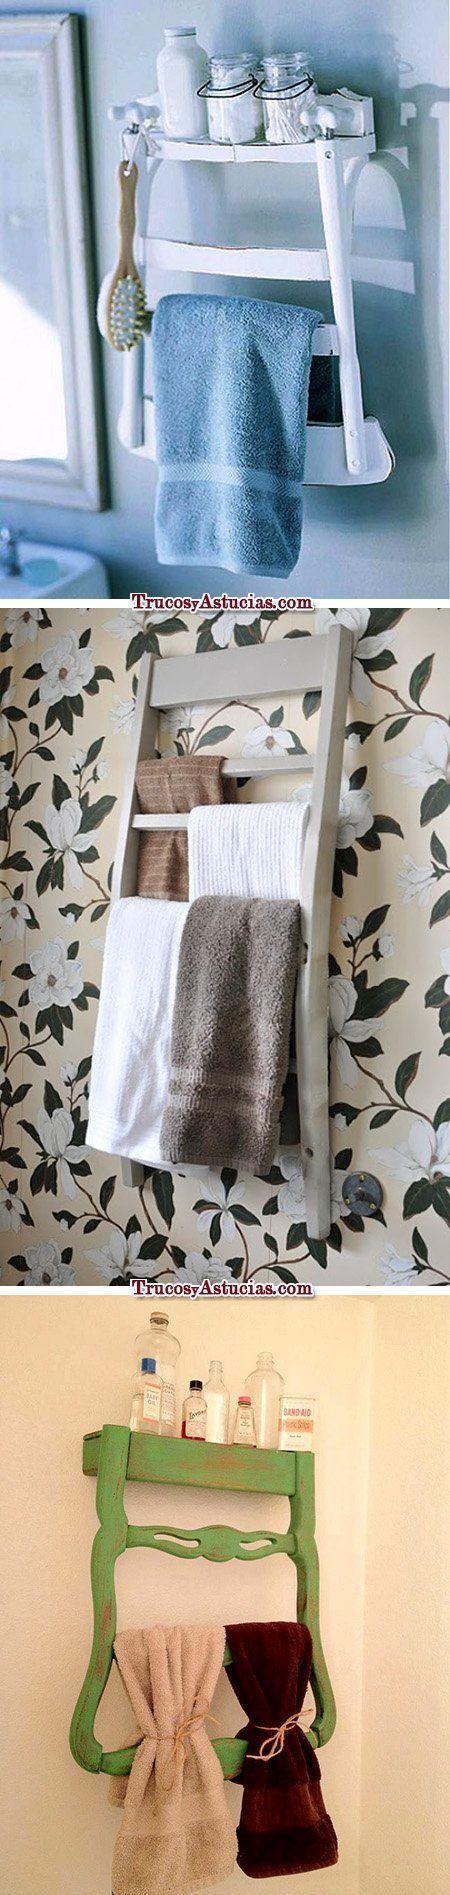 Decoración original para el baño utilizando sillas como toalleros